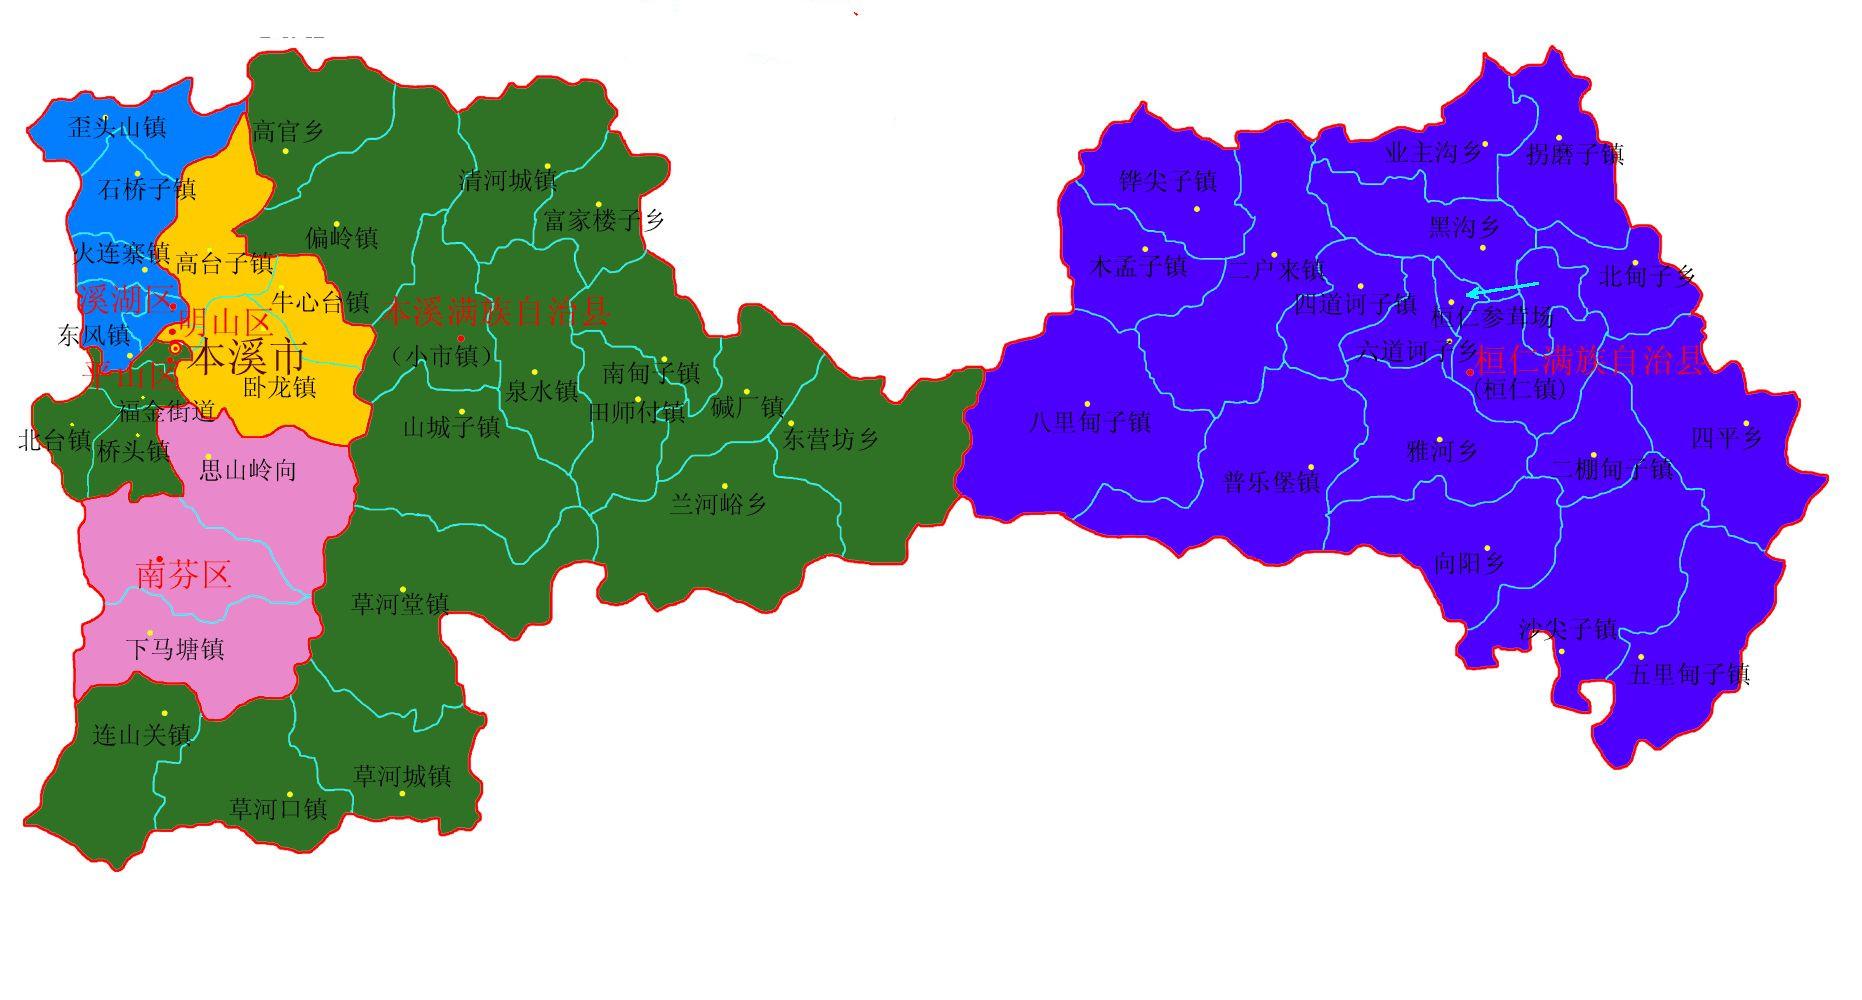 广州市区域行政地图